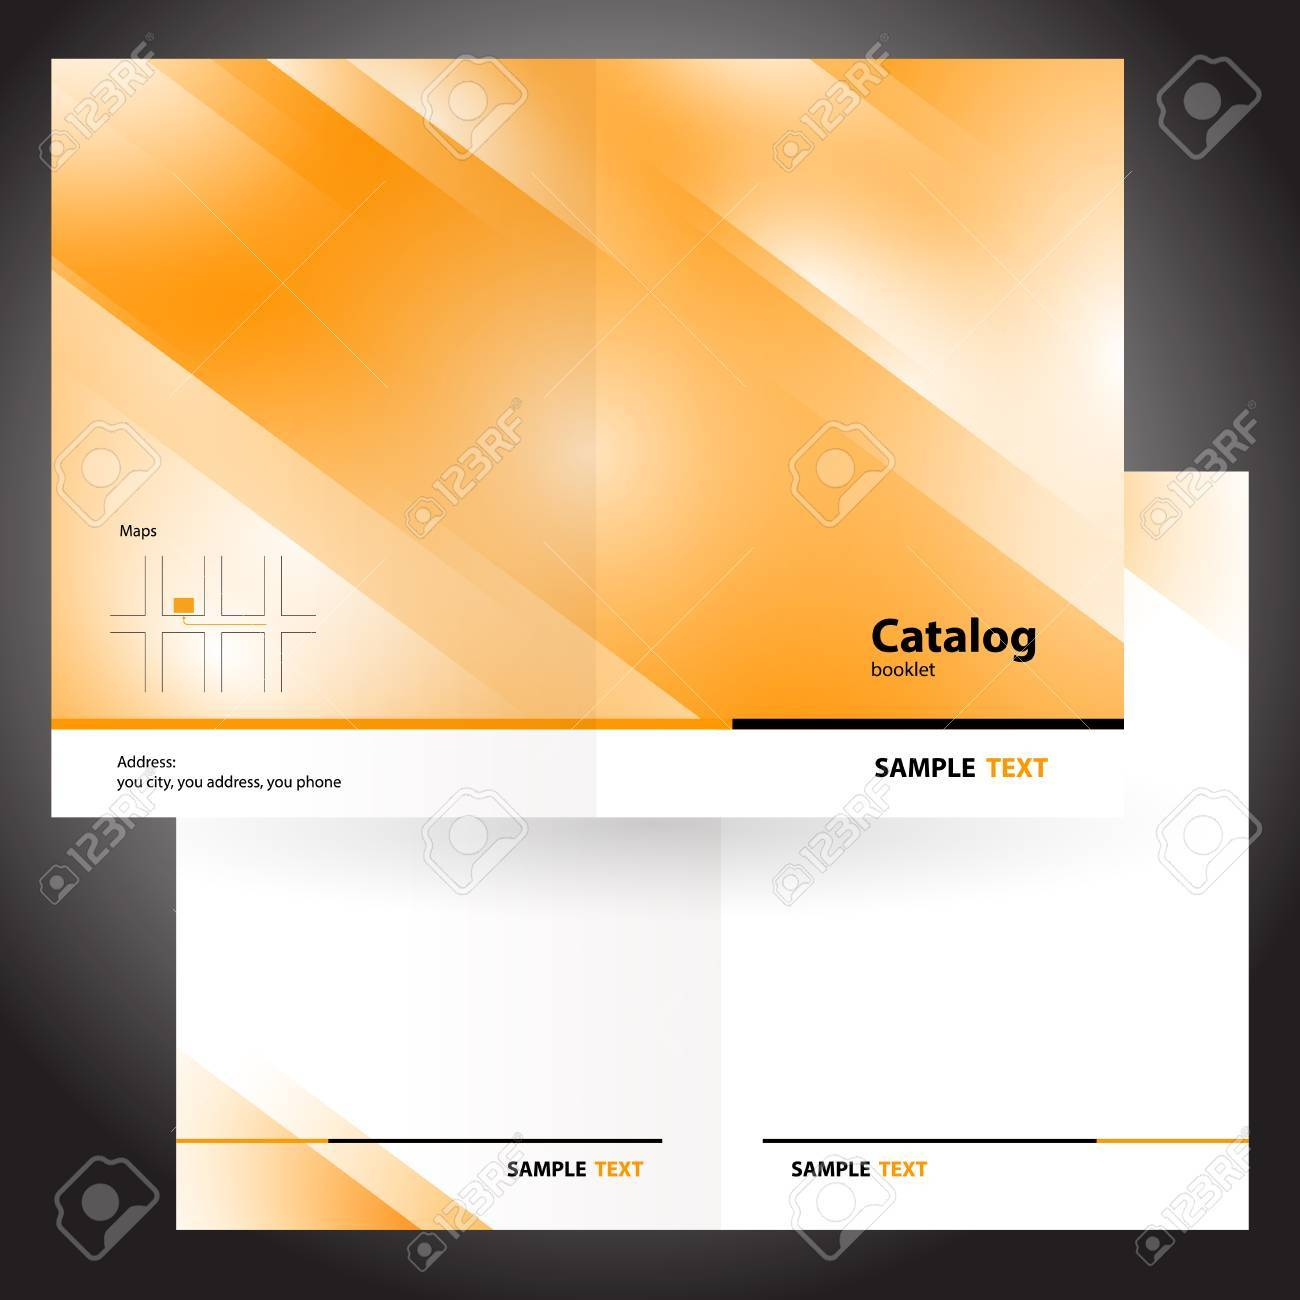 catalog booklet folder brochure colorful design vector orange - 55381047